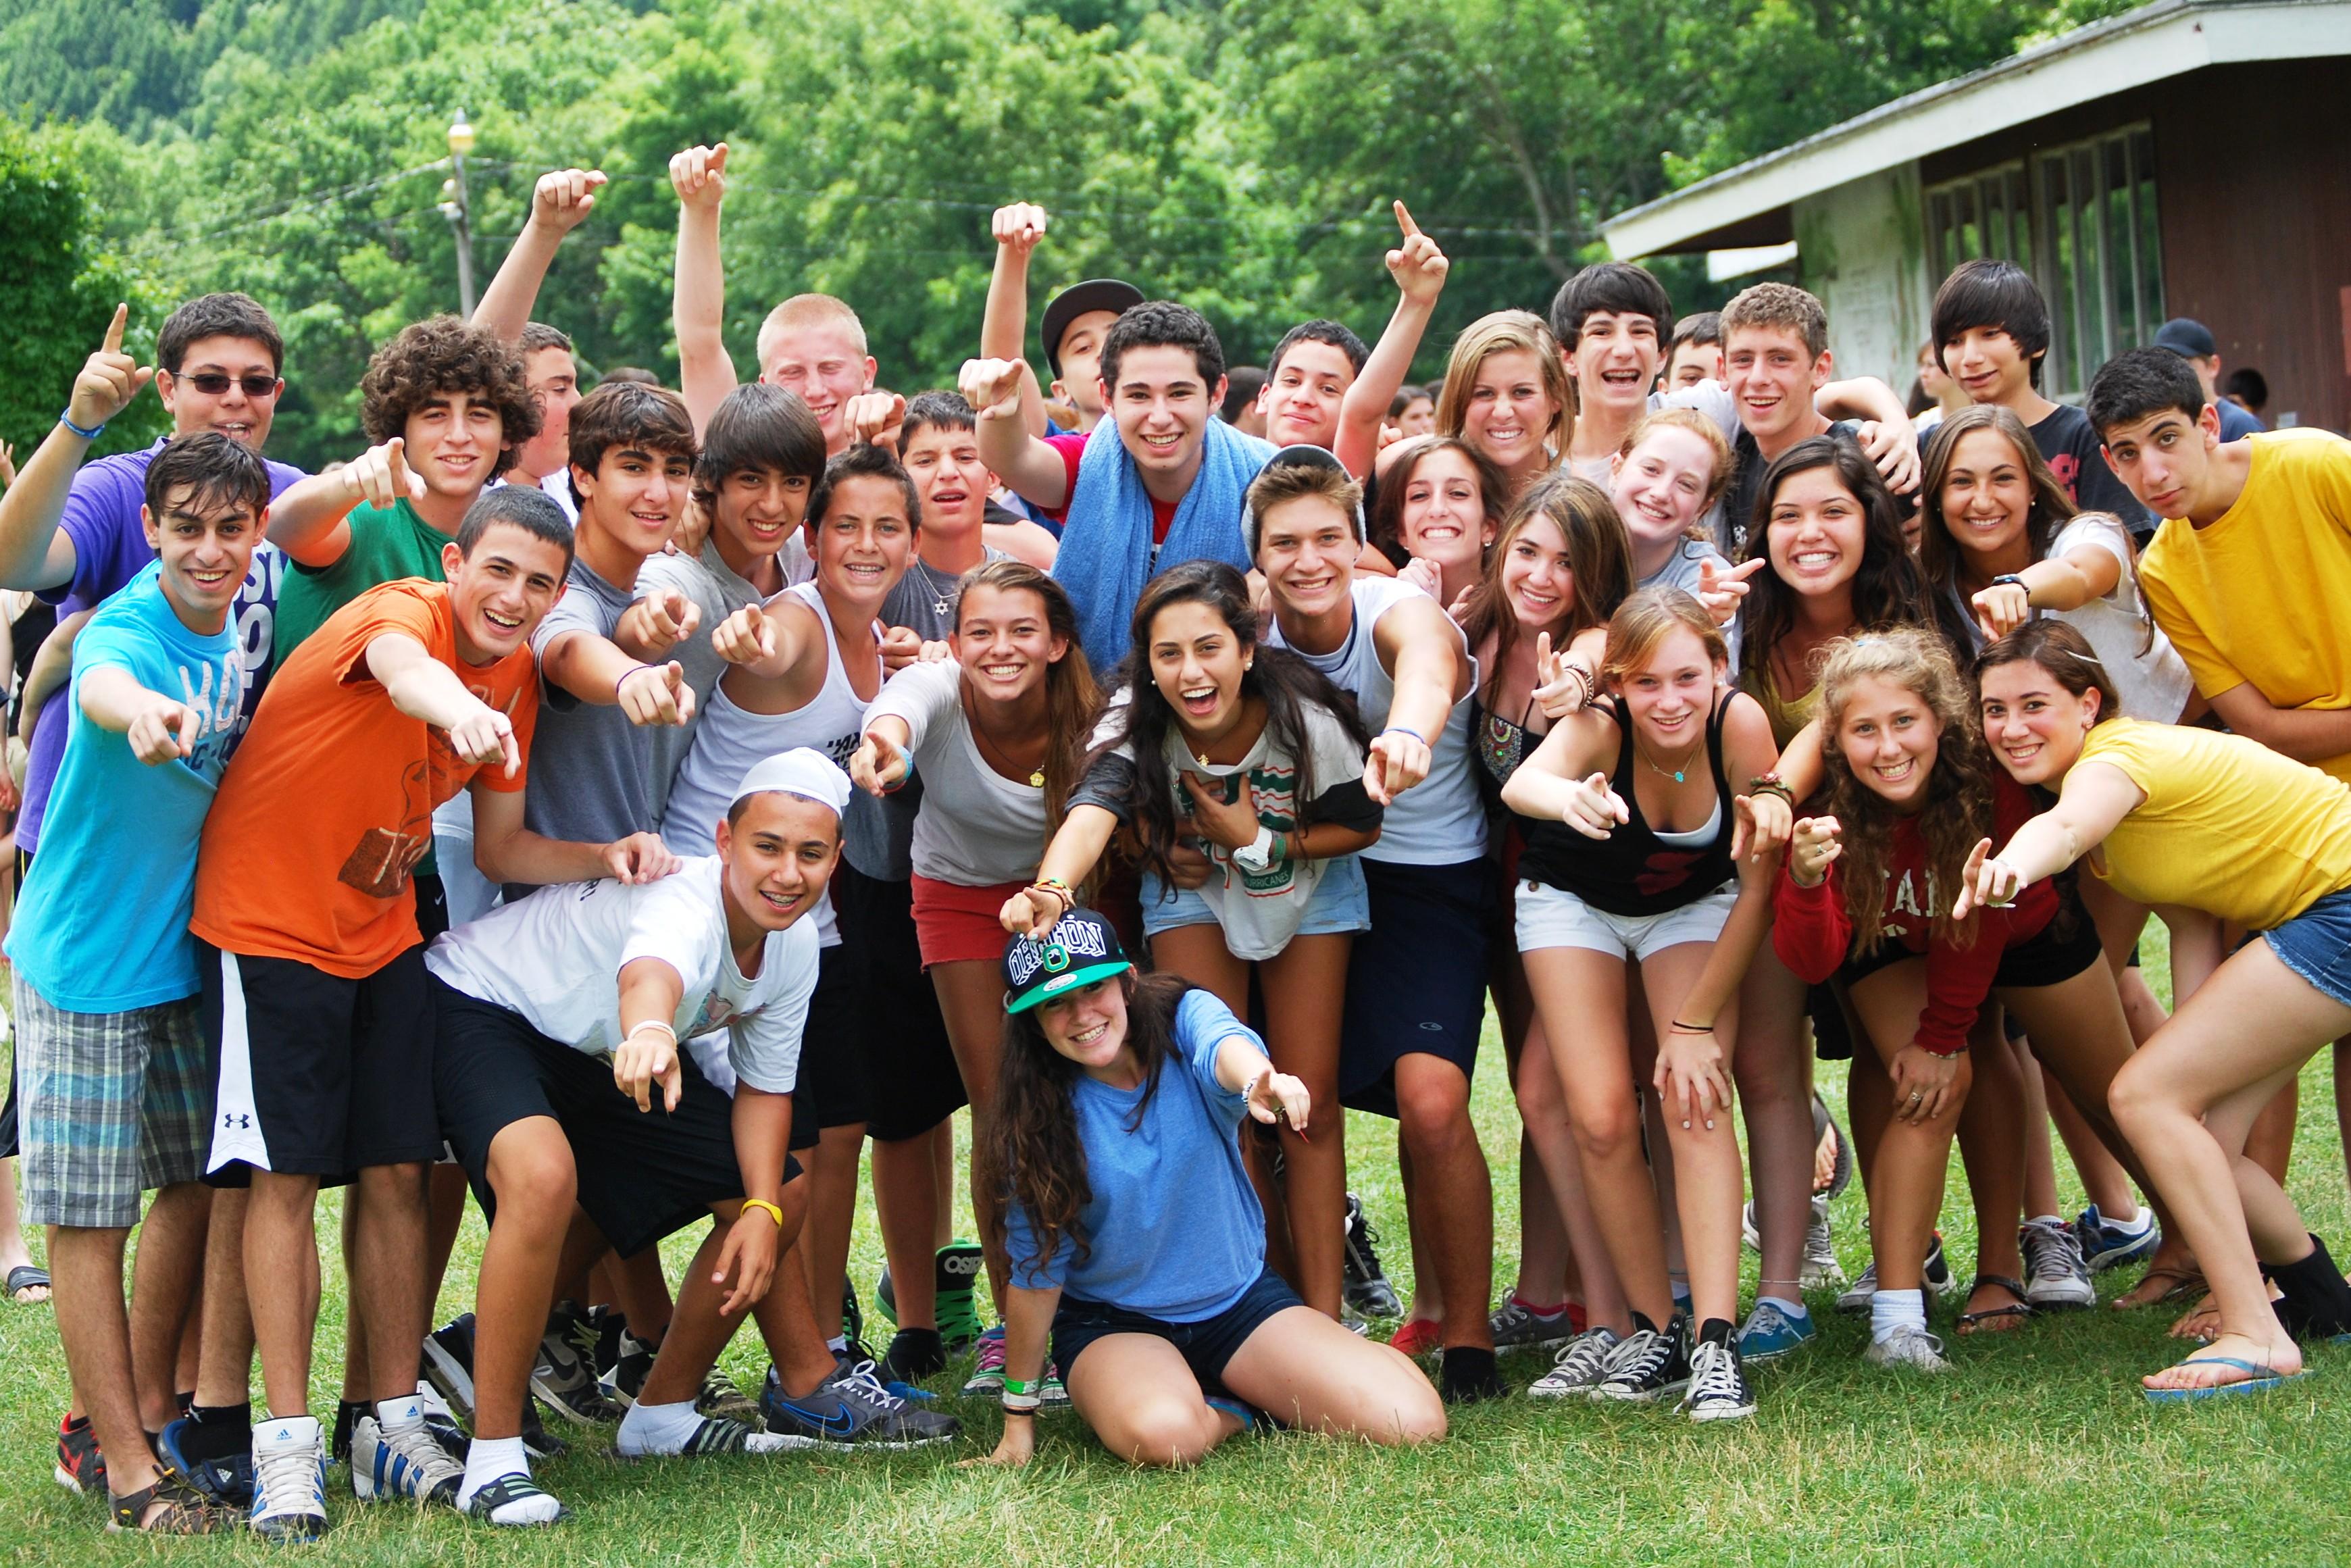 Summer art camp for teen